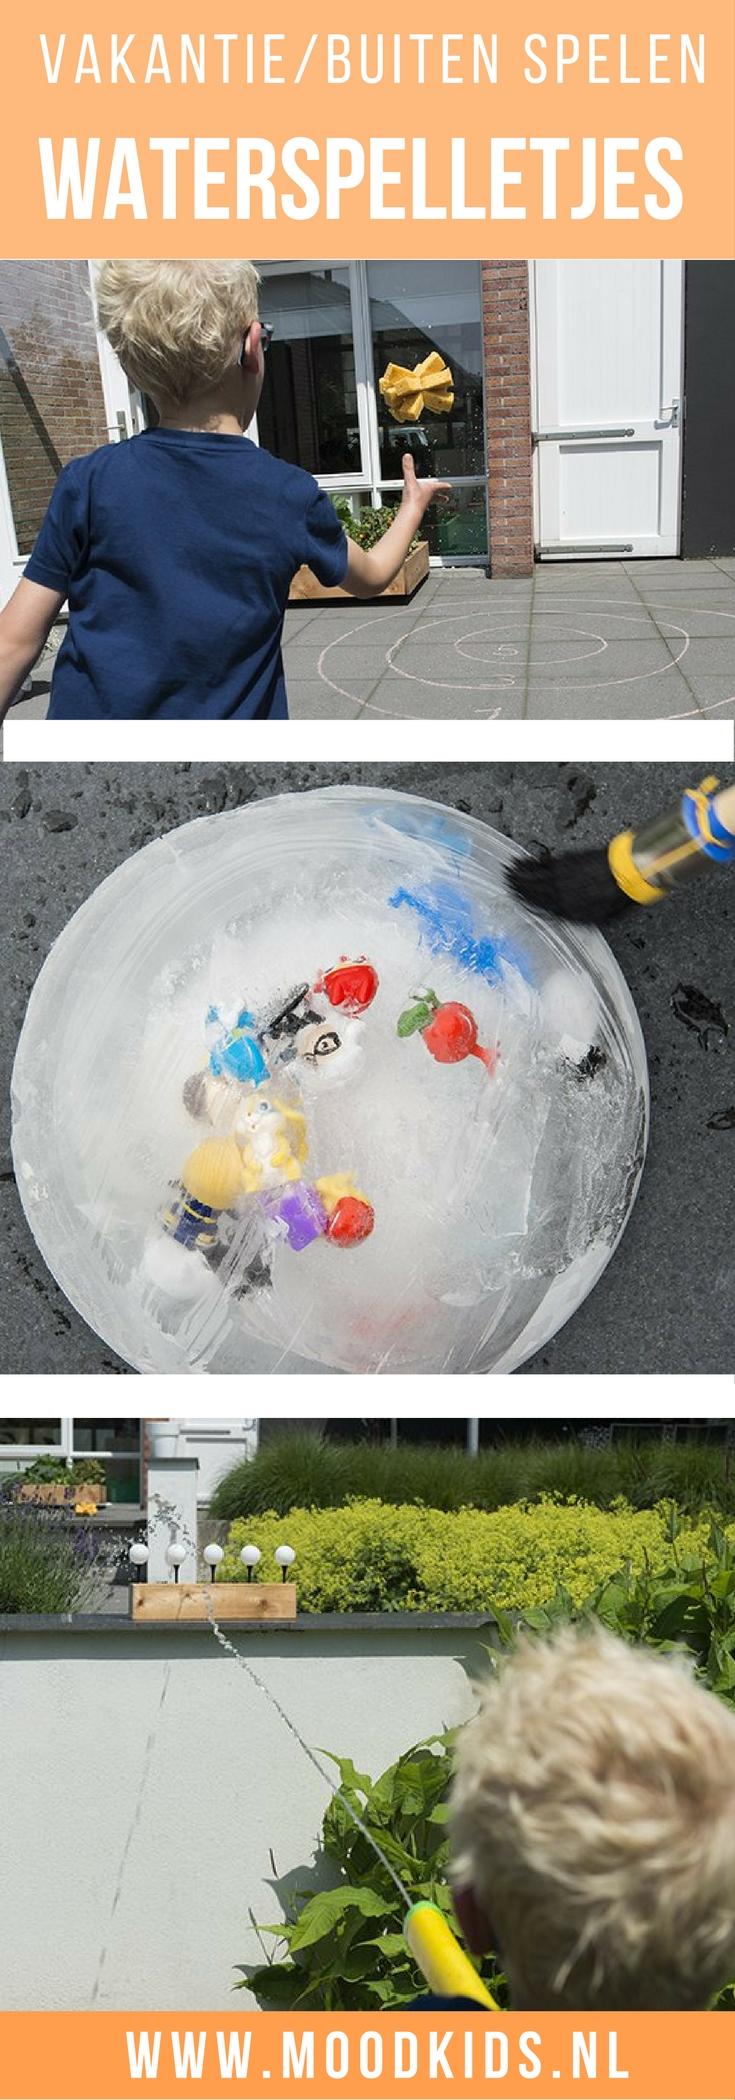 Zomers weer vraagt om waterspelletjes. Tenminste hier thuis wel. Op zoek naar inspiratie? Ping pong schieten, bootjes maken, ijsplaneet en meer...